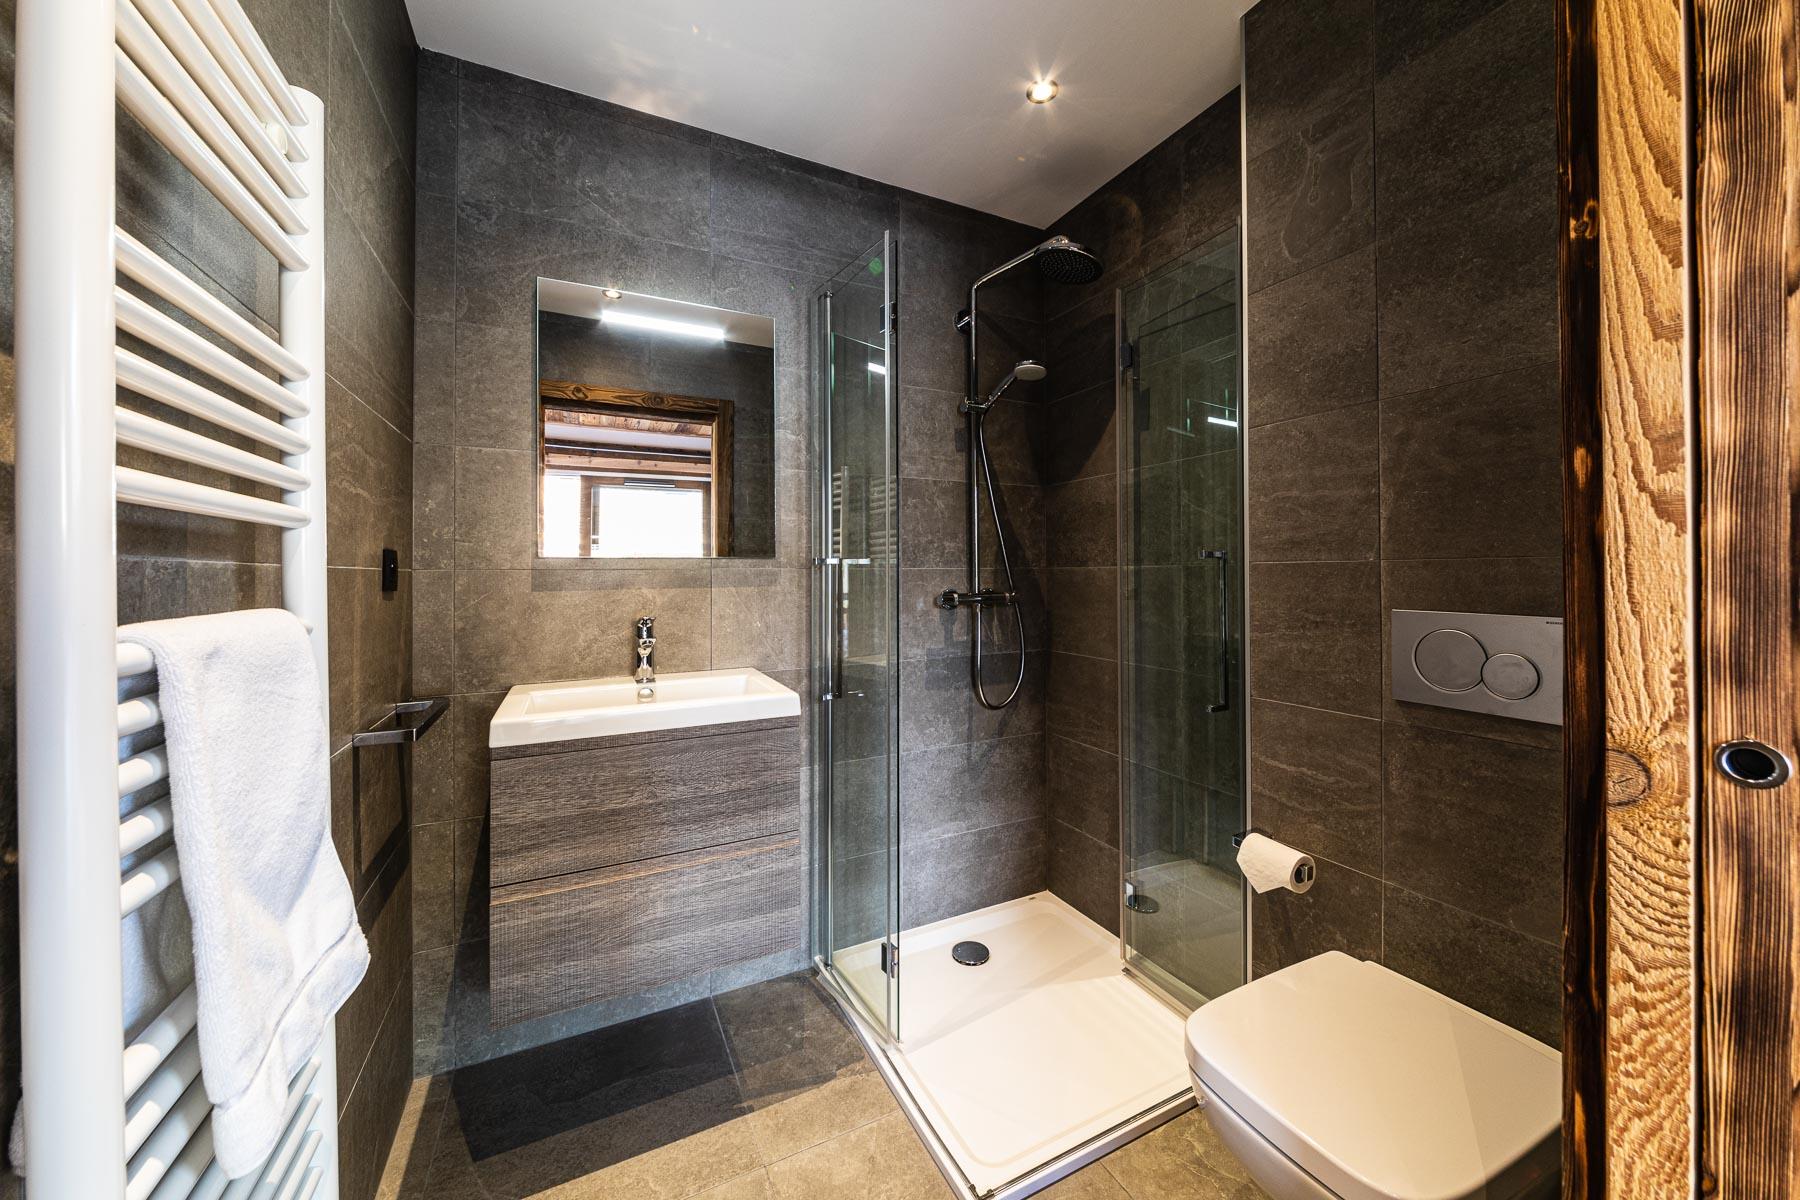 Kterra 1 Shower Room